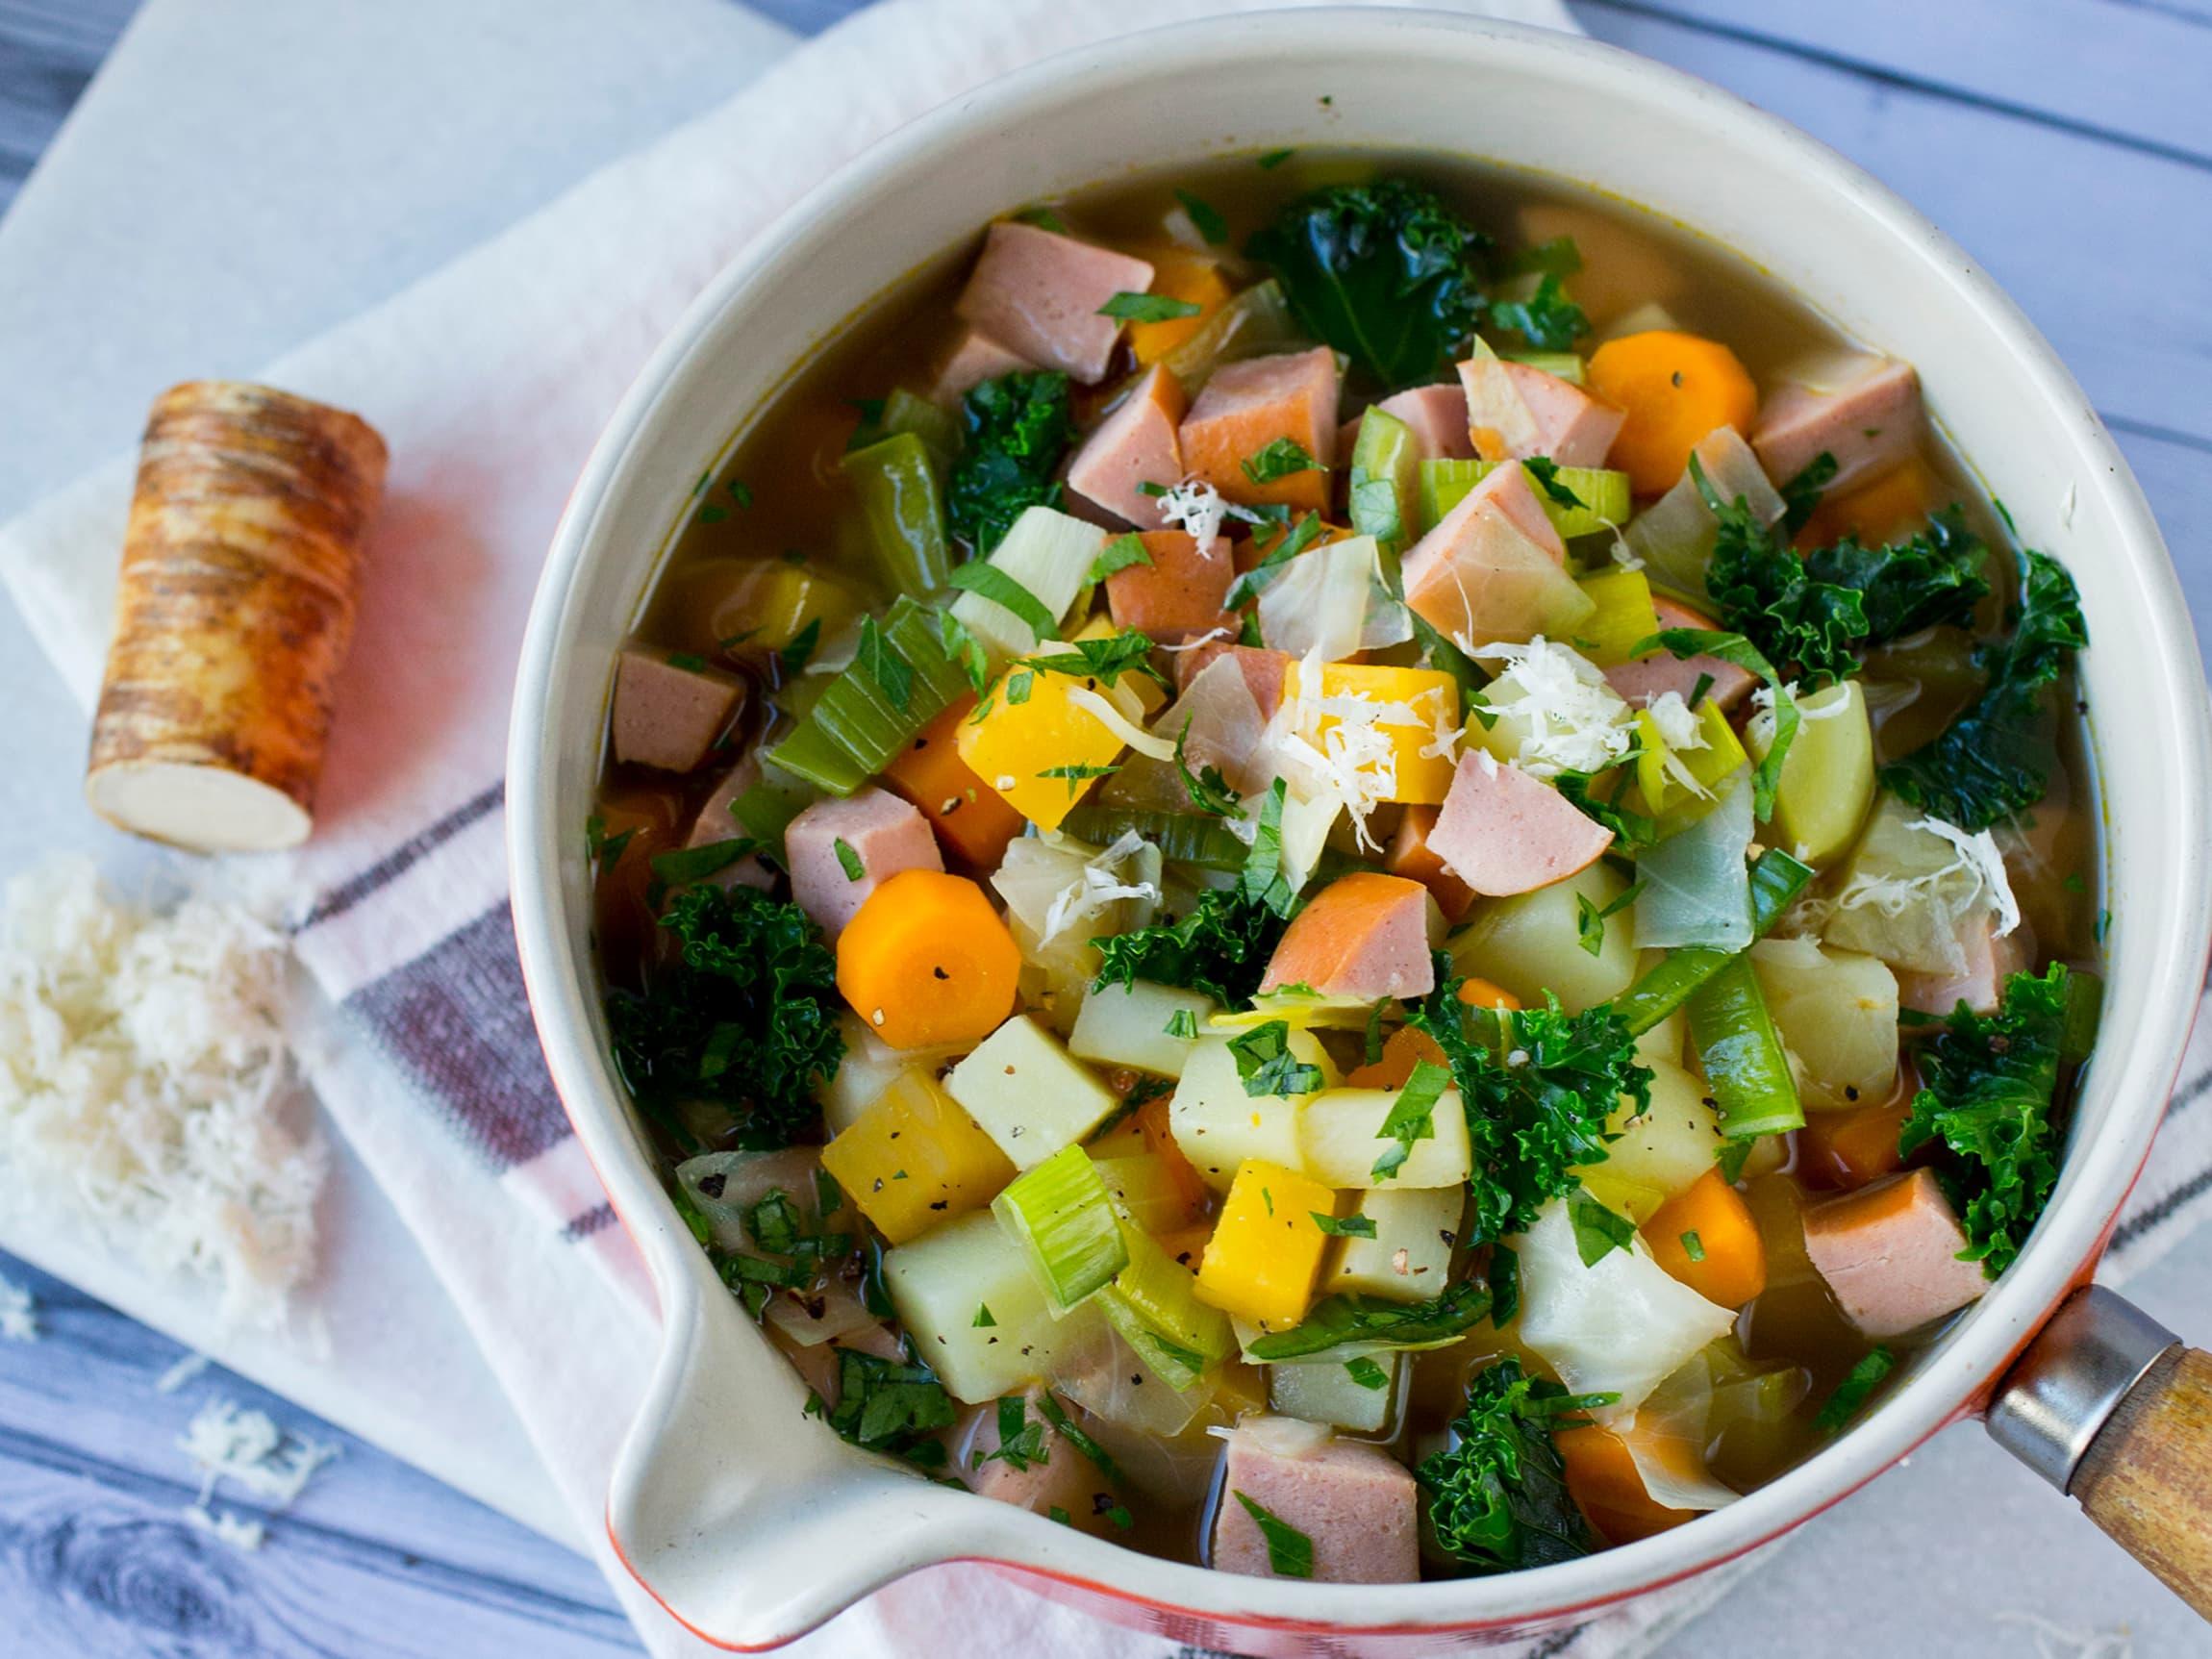 Denne suppa kan varieres i det uendelige avhengig av hva du har i kjøleskapet og hvilke grønnsaker du liker.